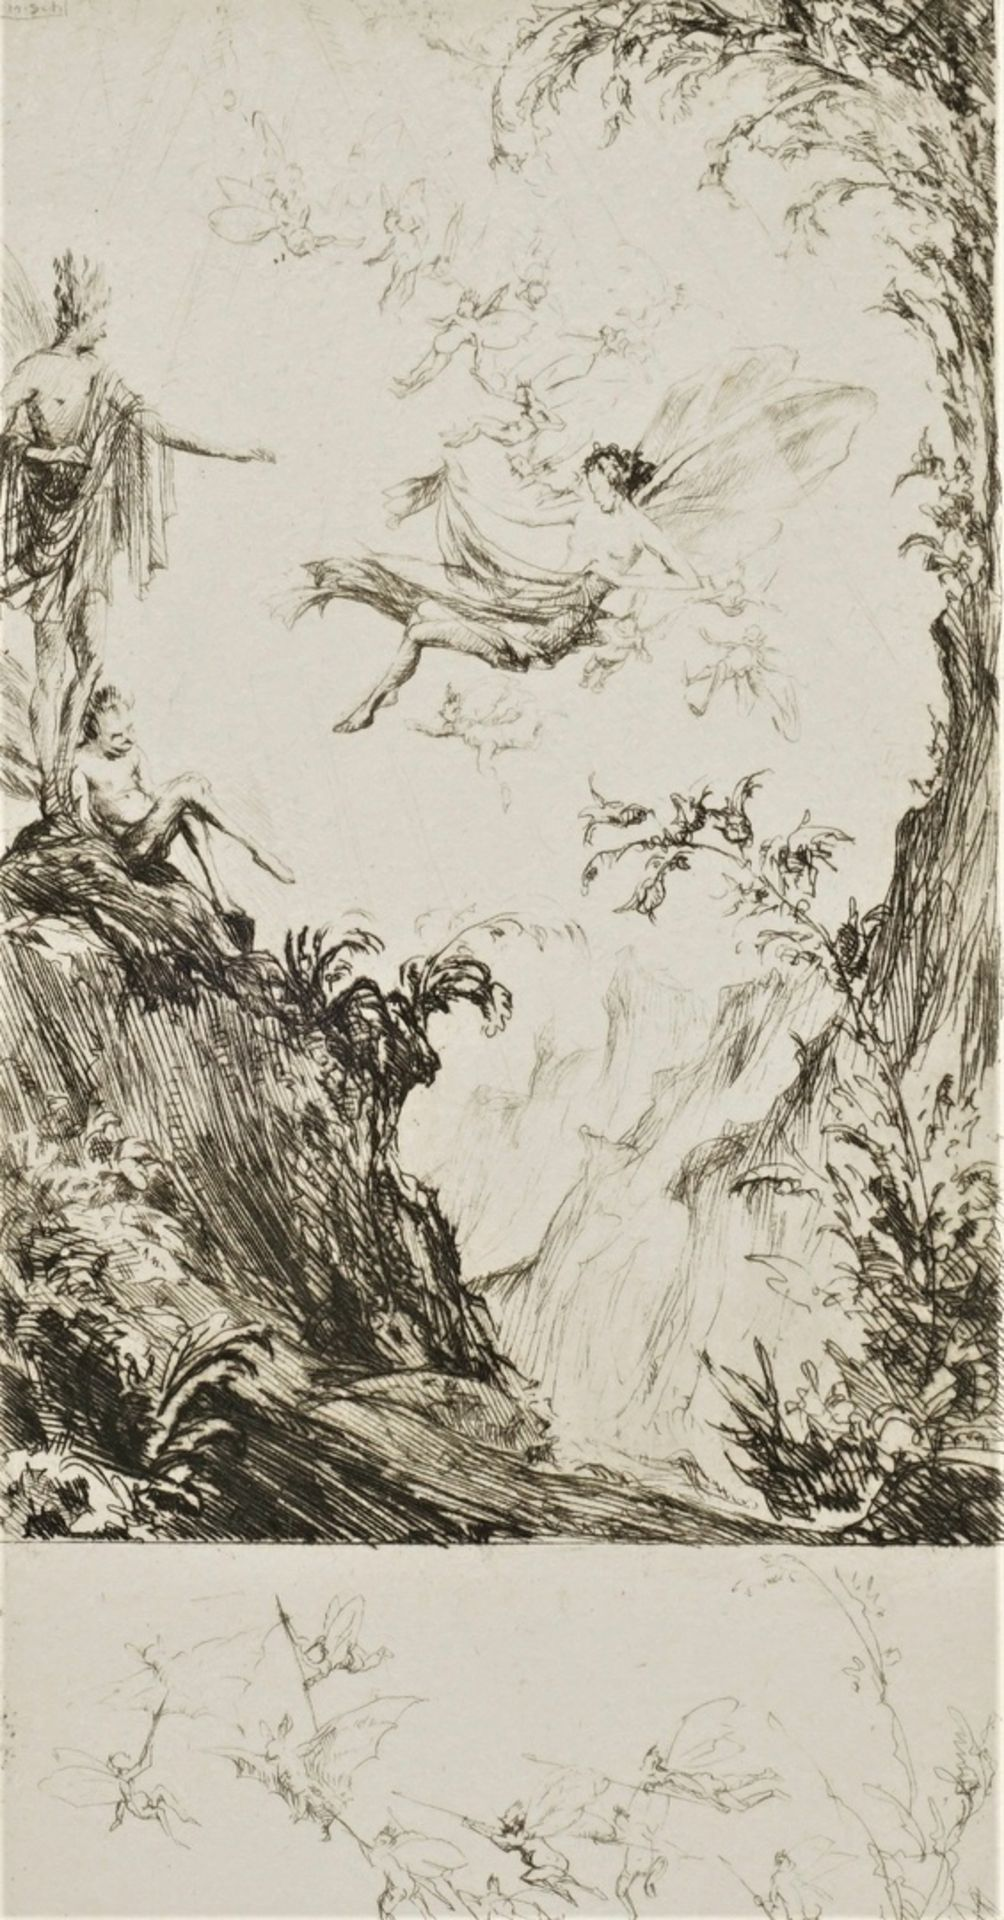 Mittsommernachtstraum (Oberon und Titania)